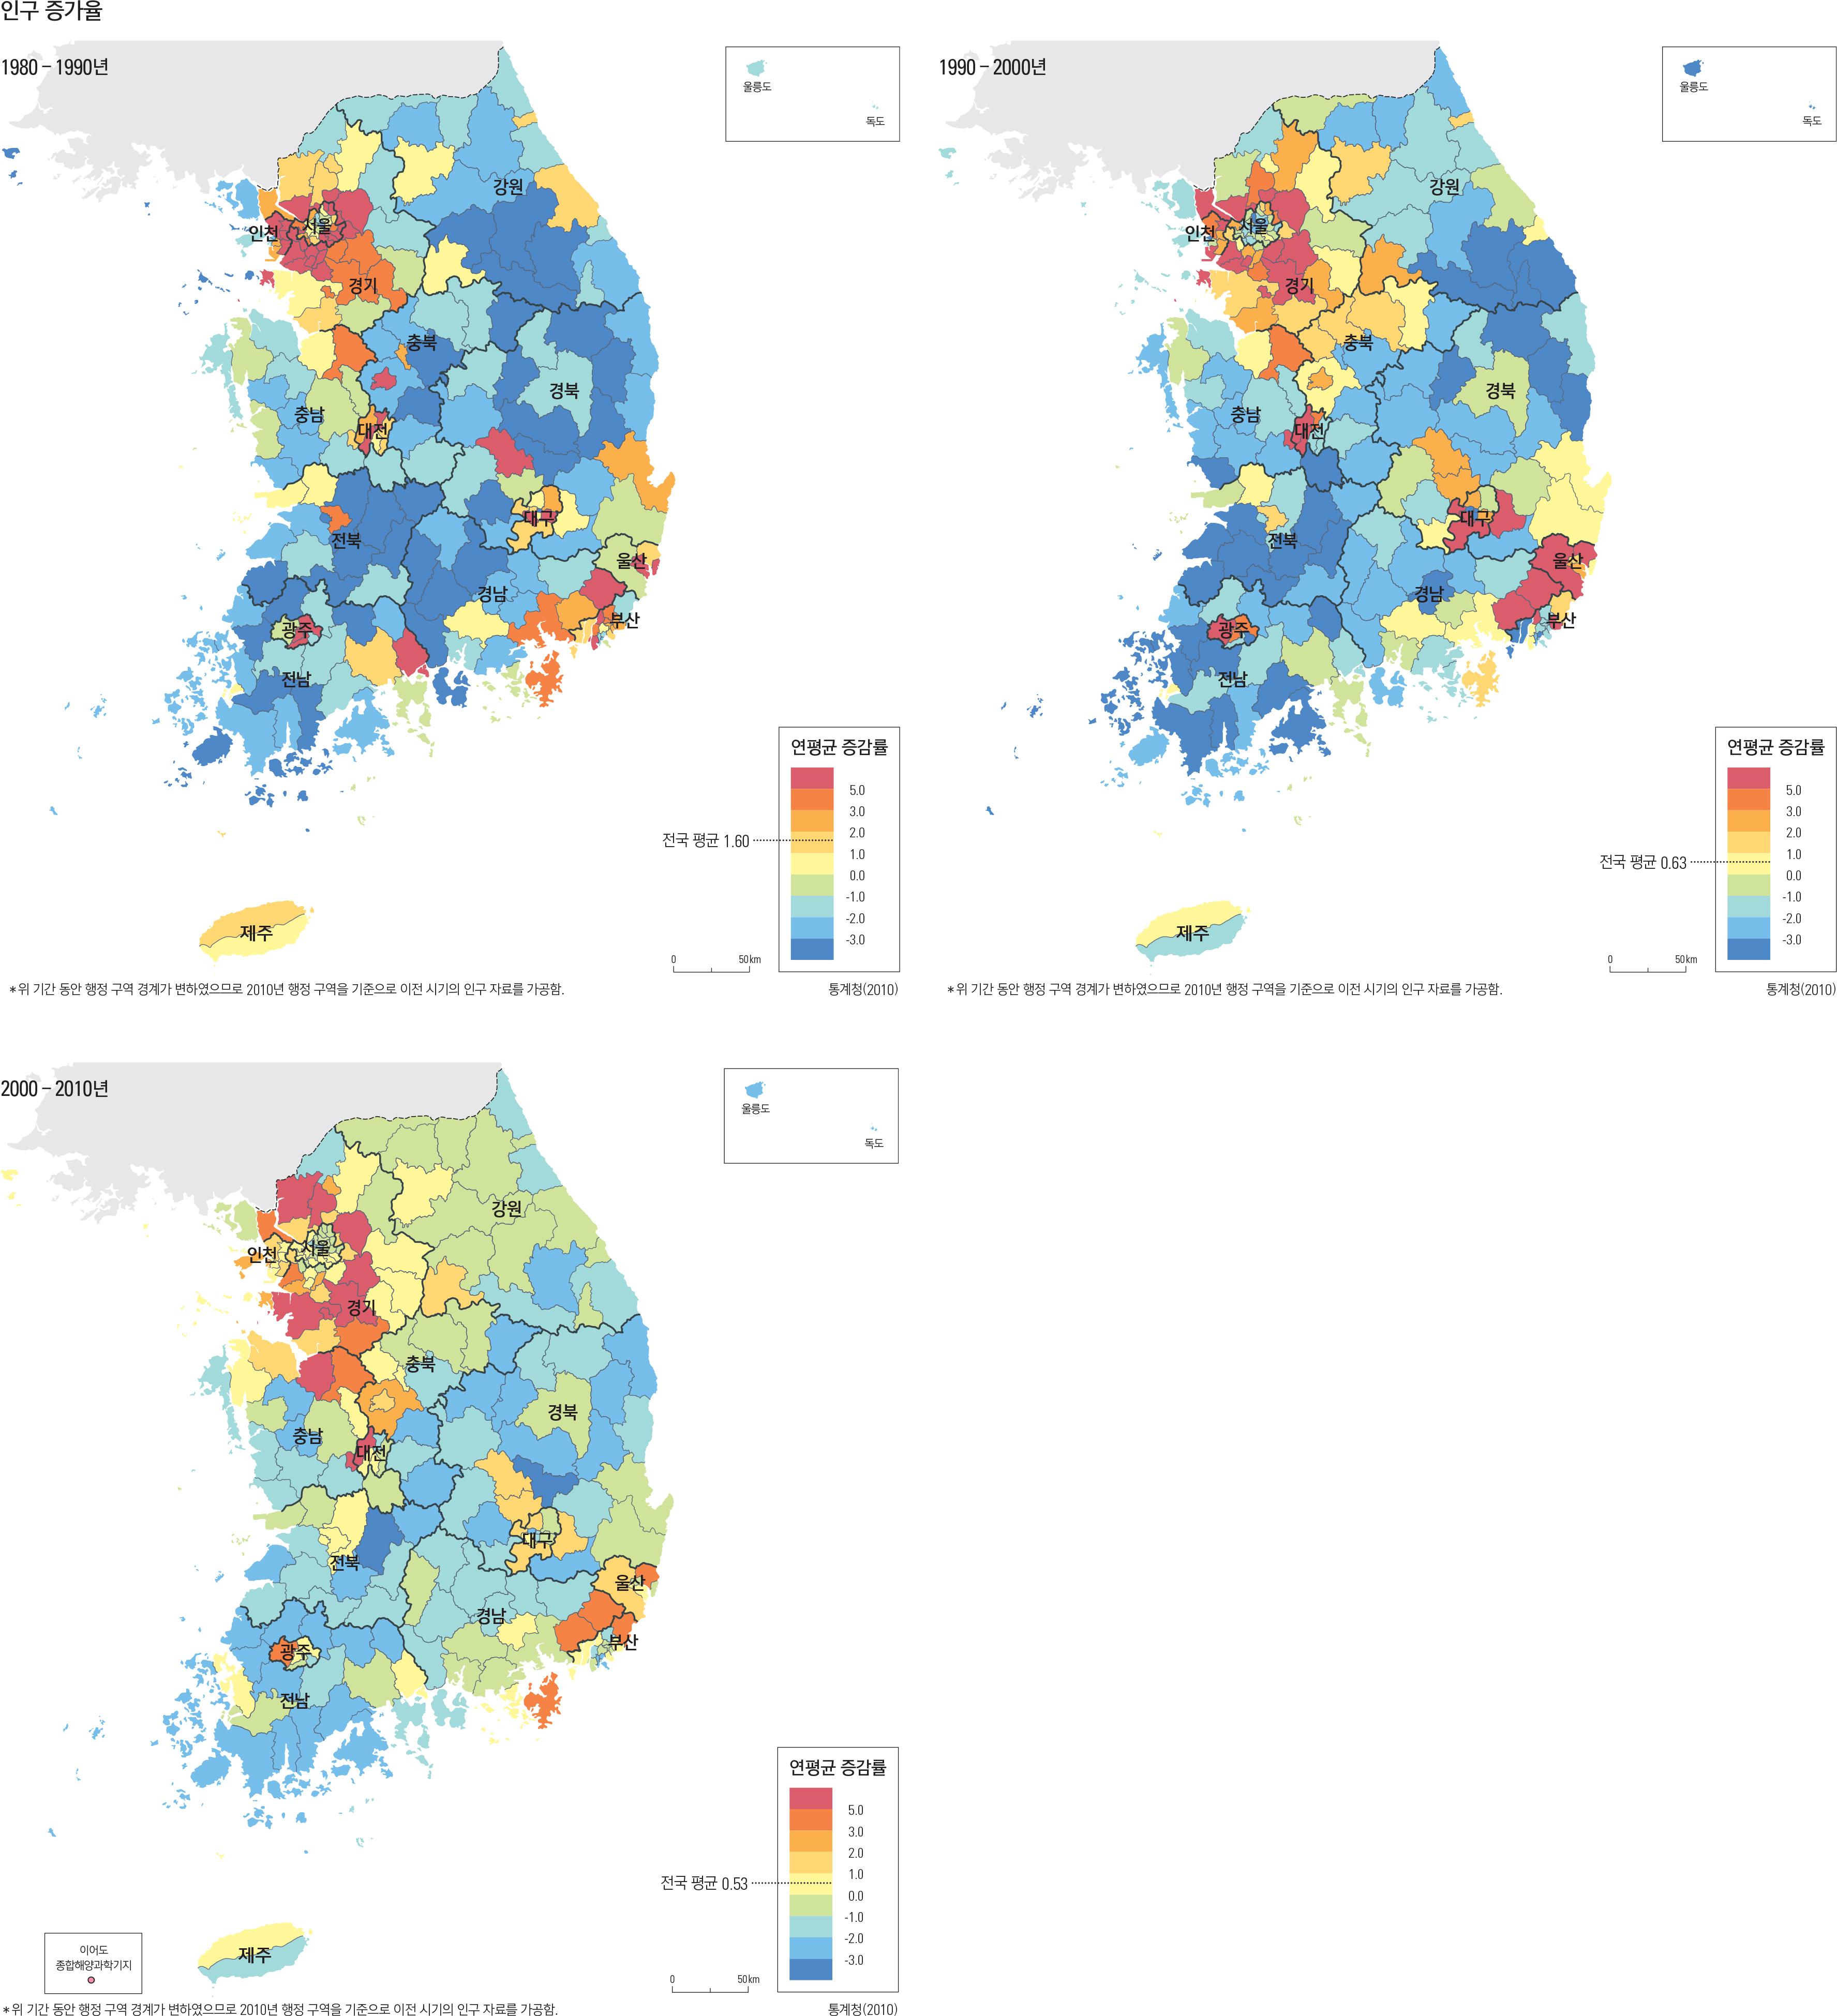 인구 증가율